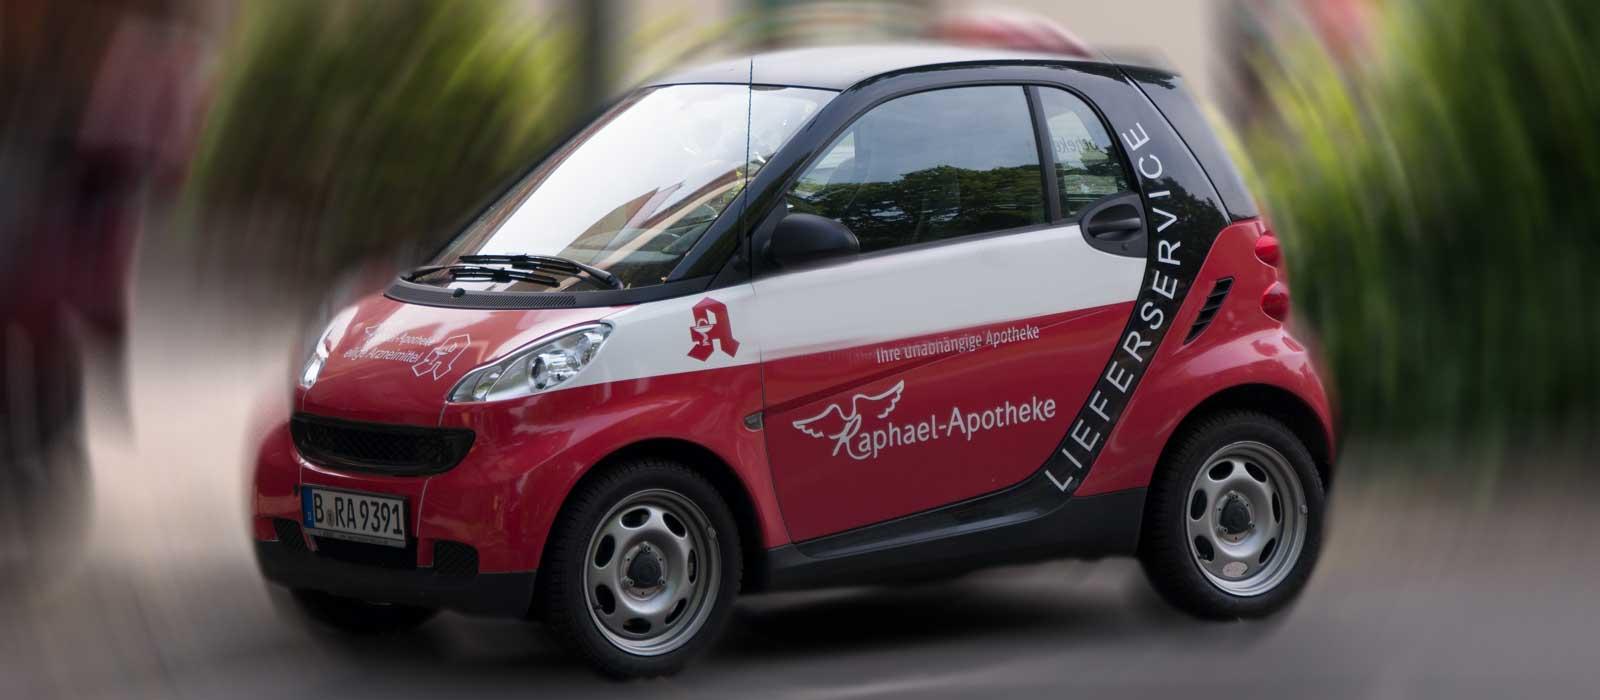 Symbolfoto zeigt ein Lieferfahrzeug der Raphael-Apotheke